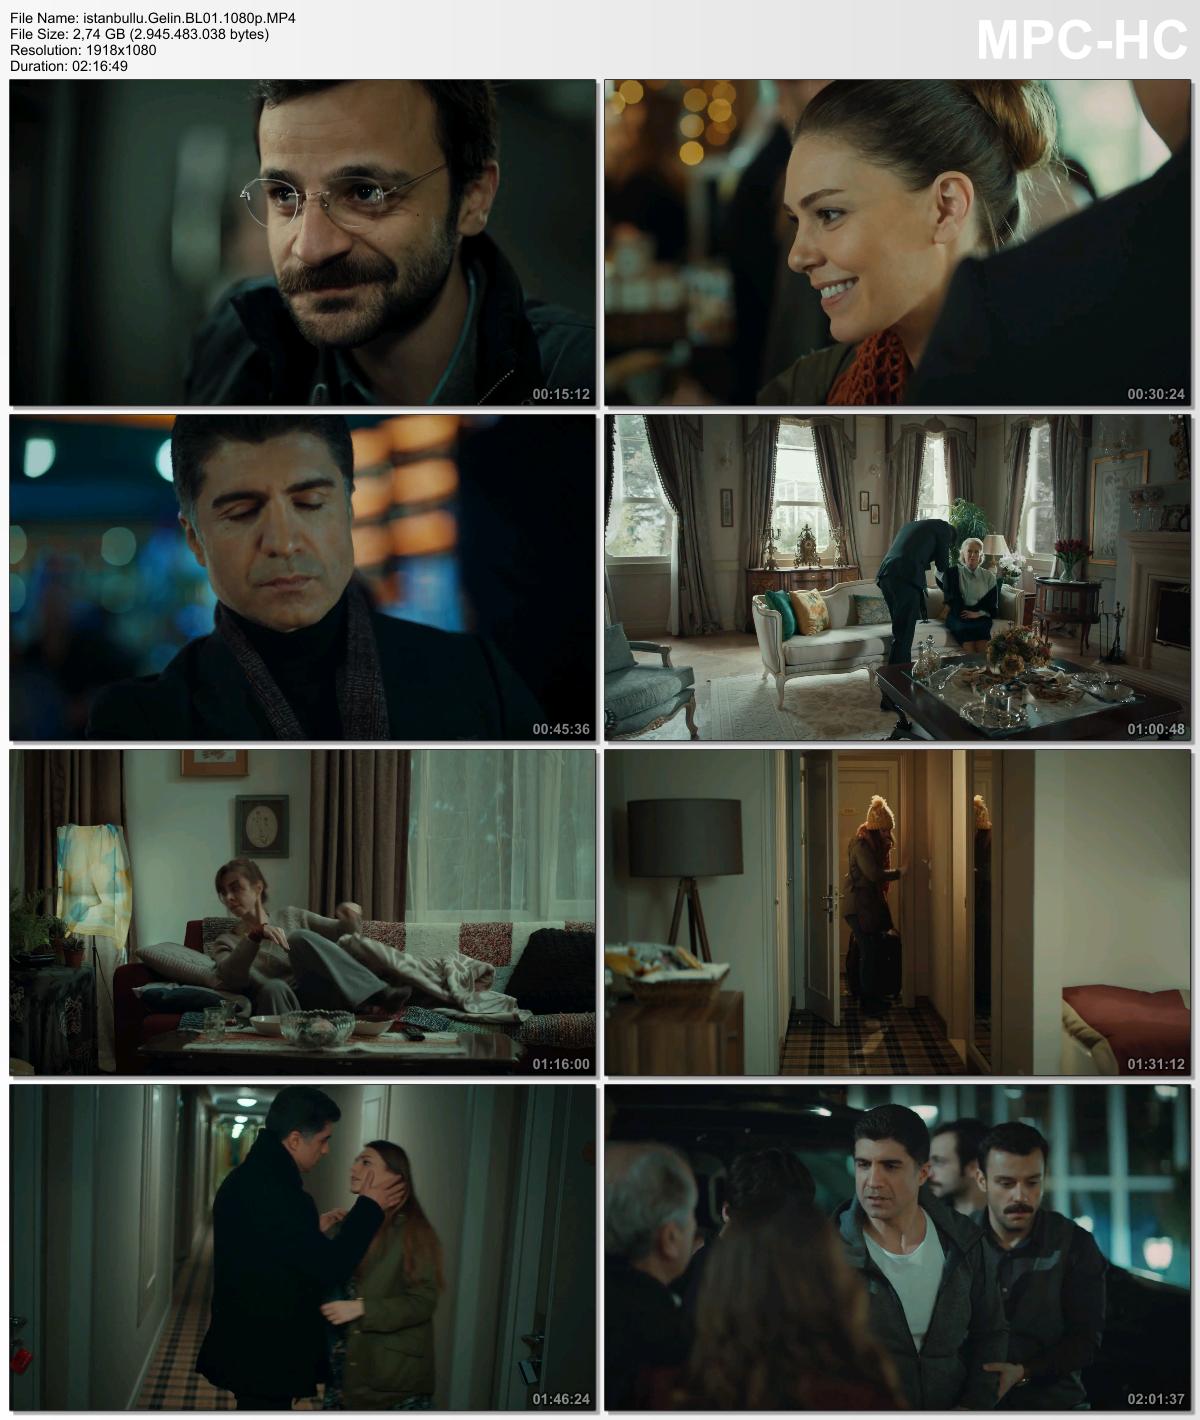 İstanbullu Gelin 27.Bölüm (HD - x264 - 1080p) Tüm Bölümler - okaann27